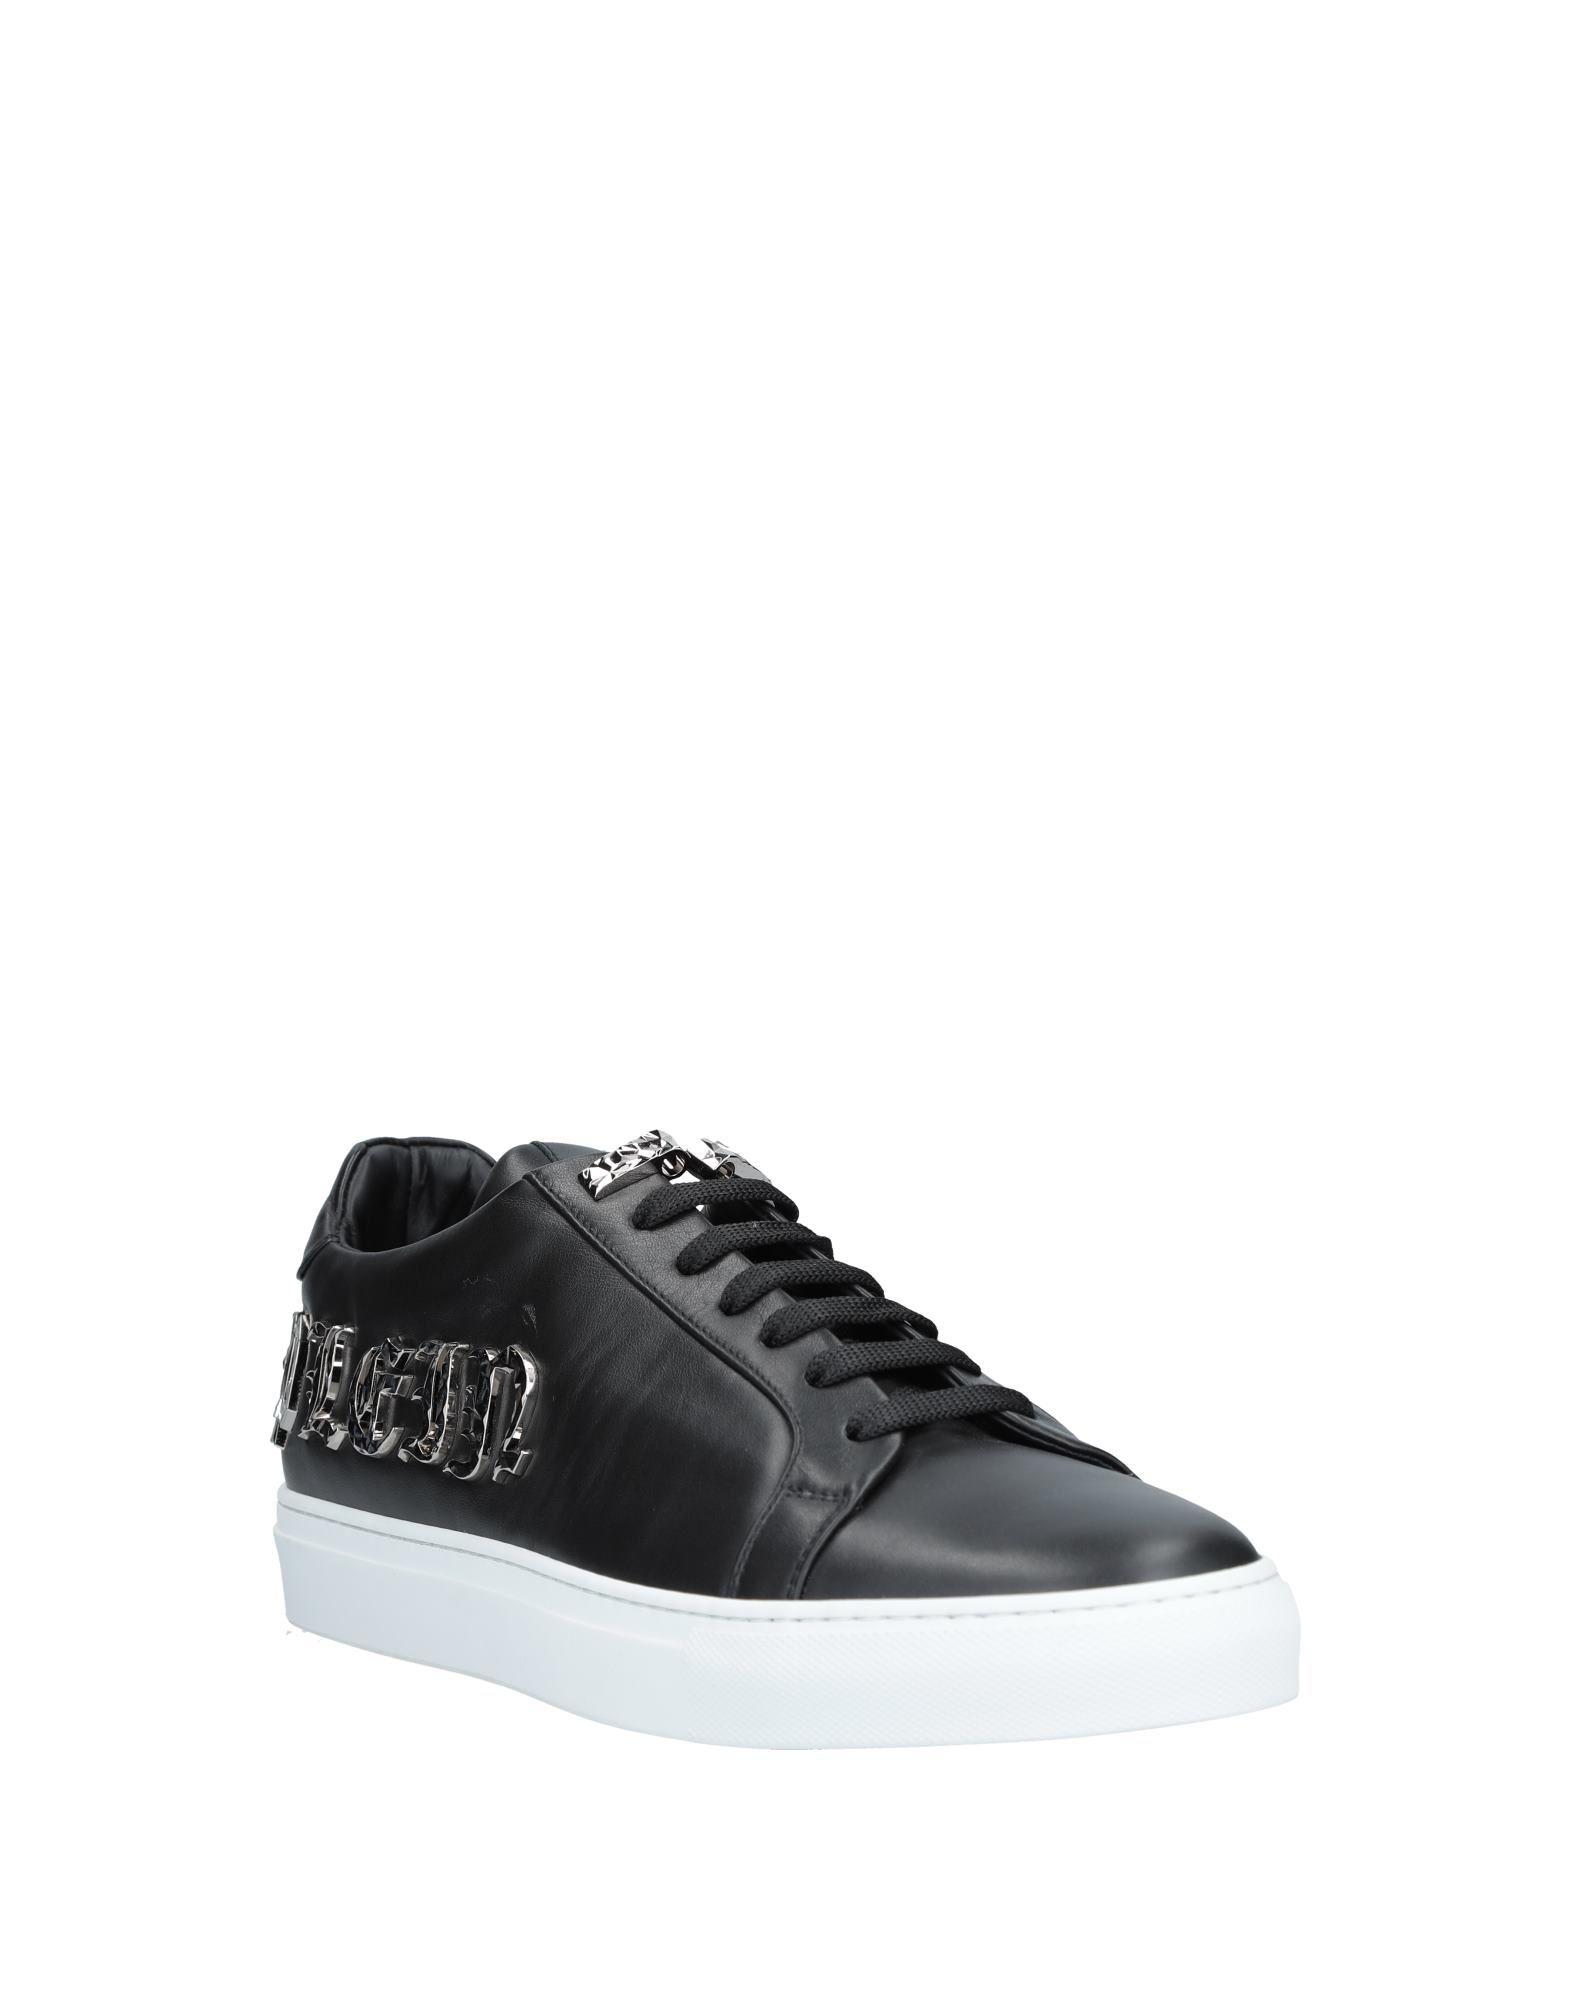 Philipp Plein Gute Sneakers Herren  11505348GL Gute Plein Qualität beliebte Schuhe a3c9f6